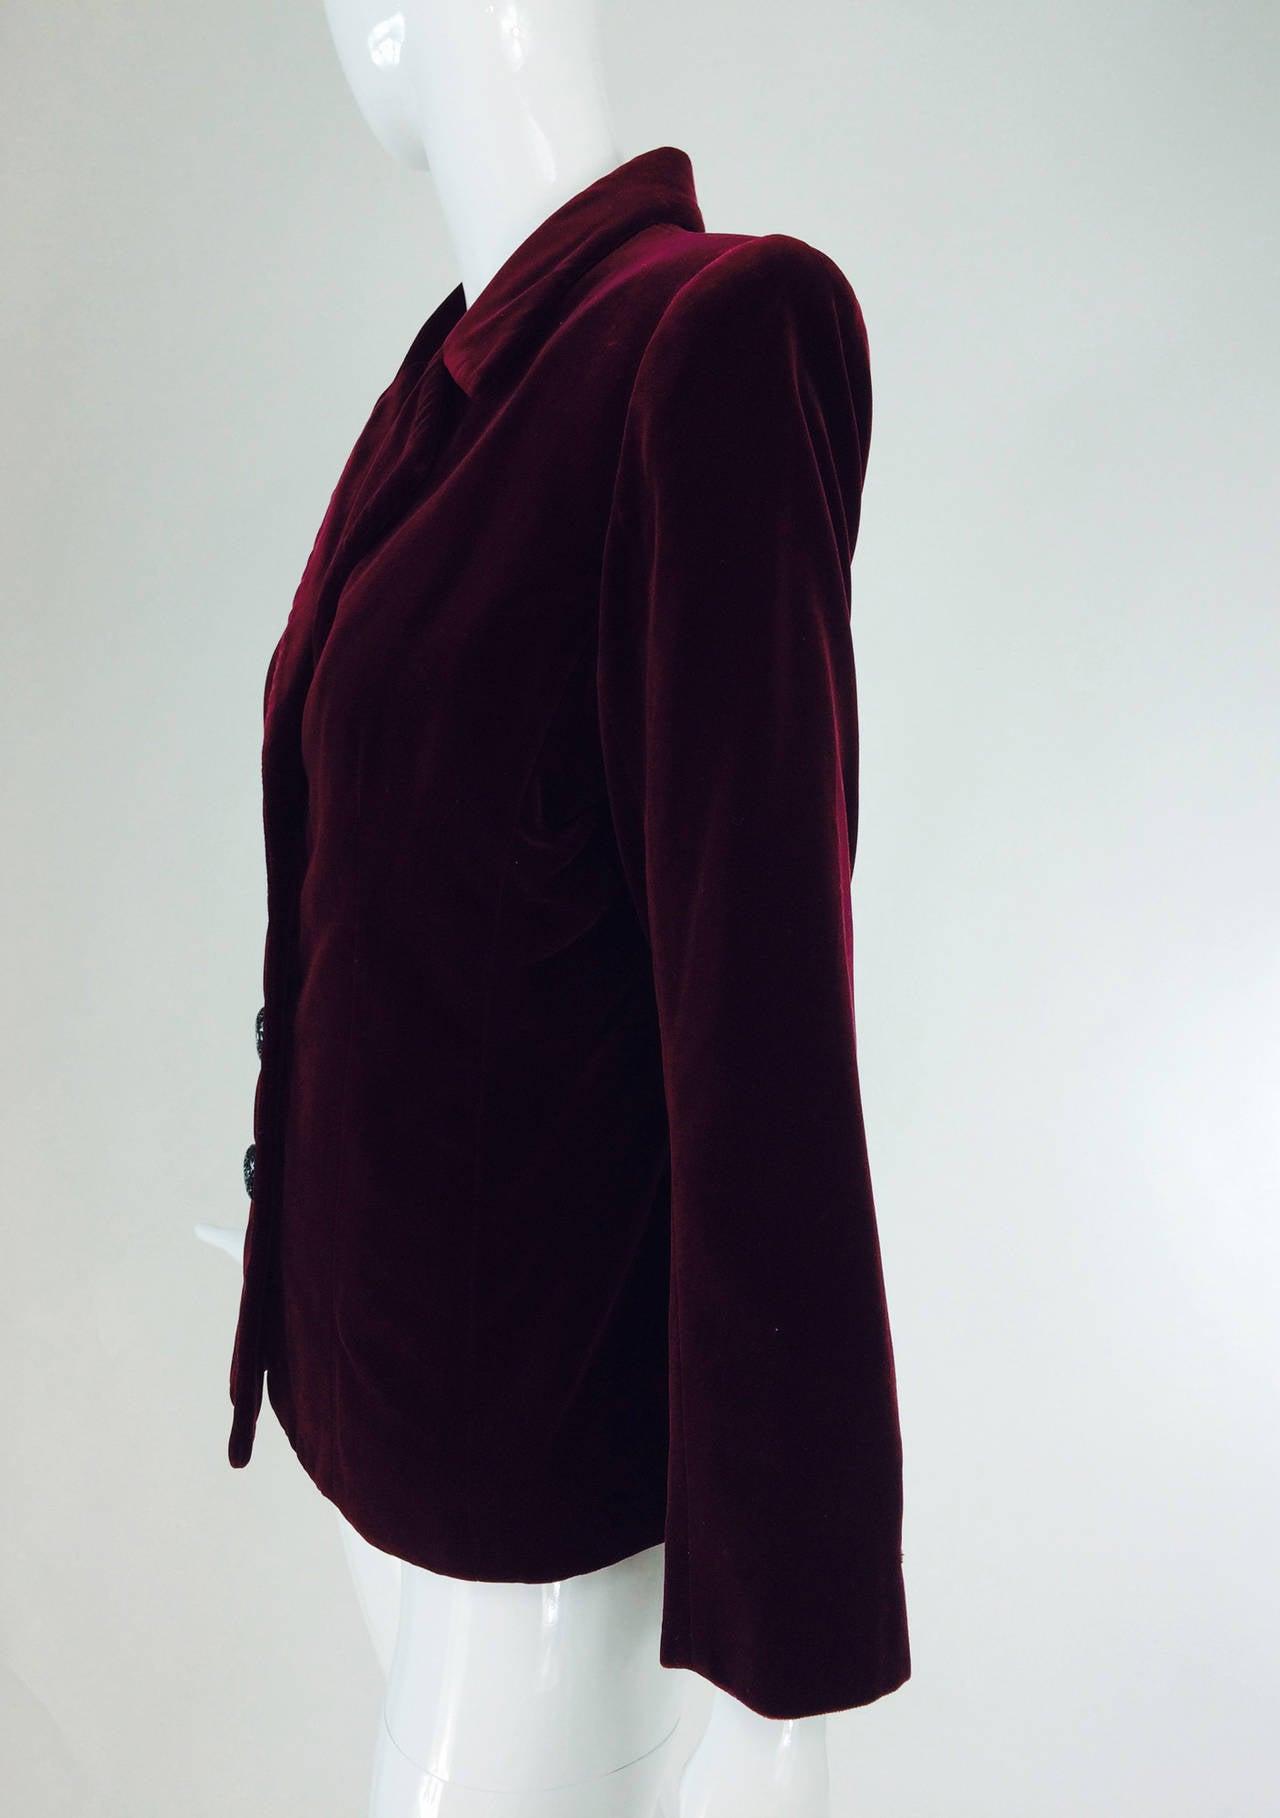 Yves St Laurent Rive Gauche velvet blazer in garnet 1970s YSL 2